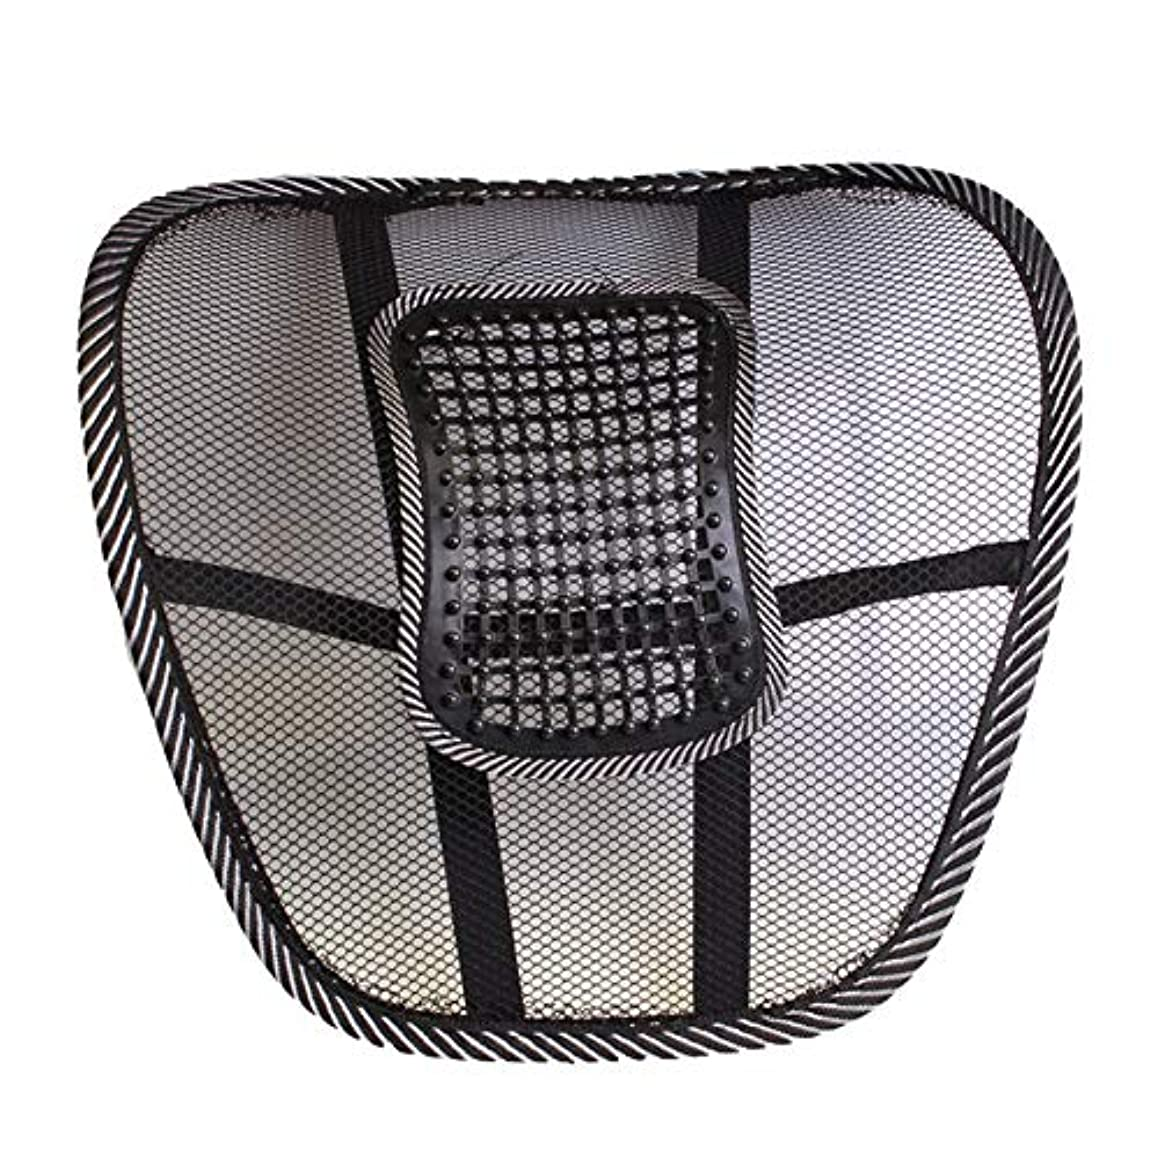 応用できれば布メッシュカバー付き腰椎サポートクッション腰痛緩和のためのバランスのとれた硬さ - 理想的なバックピロー